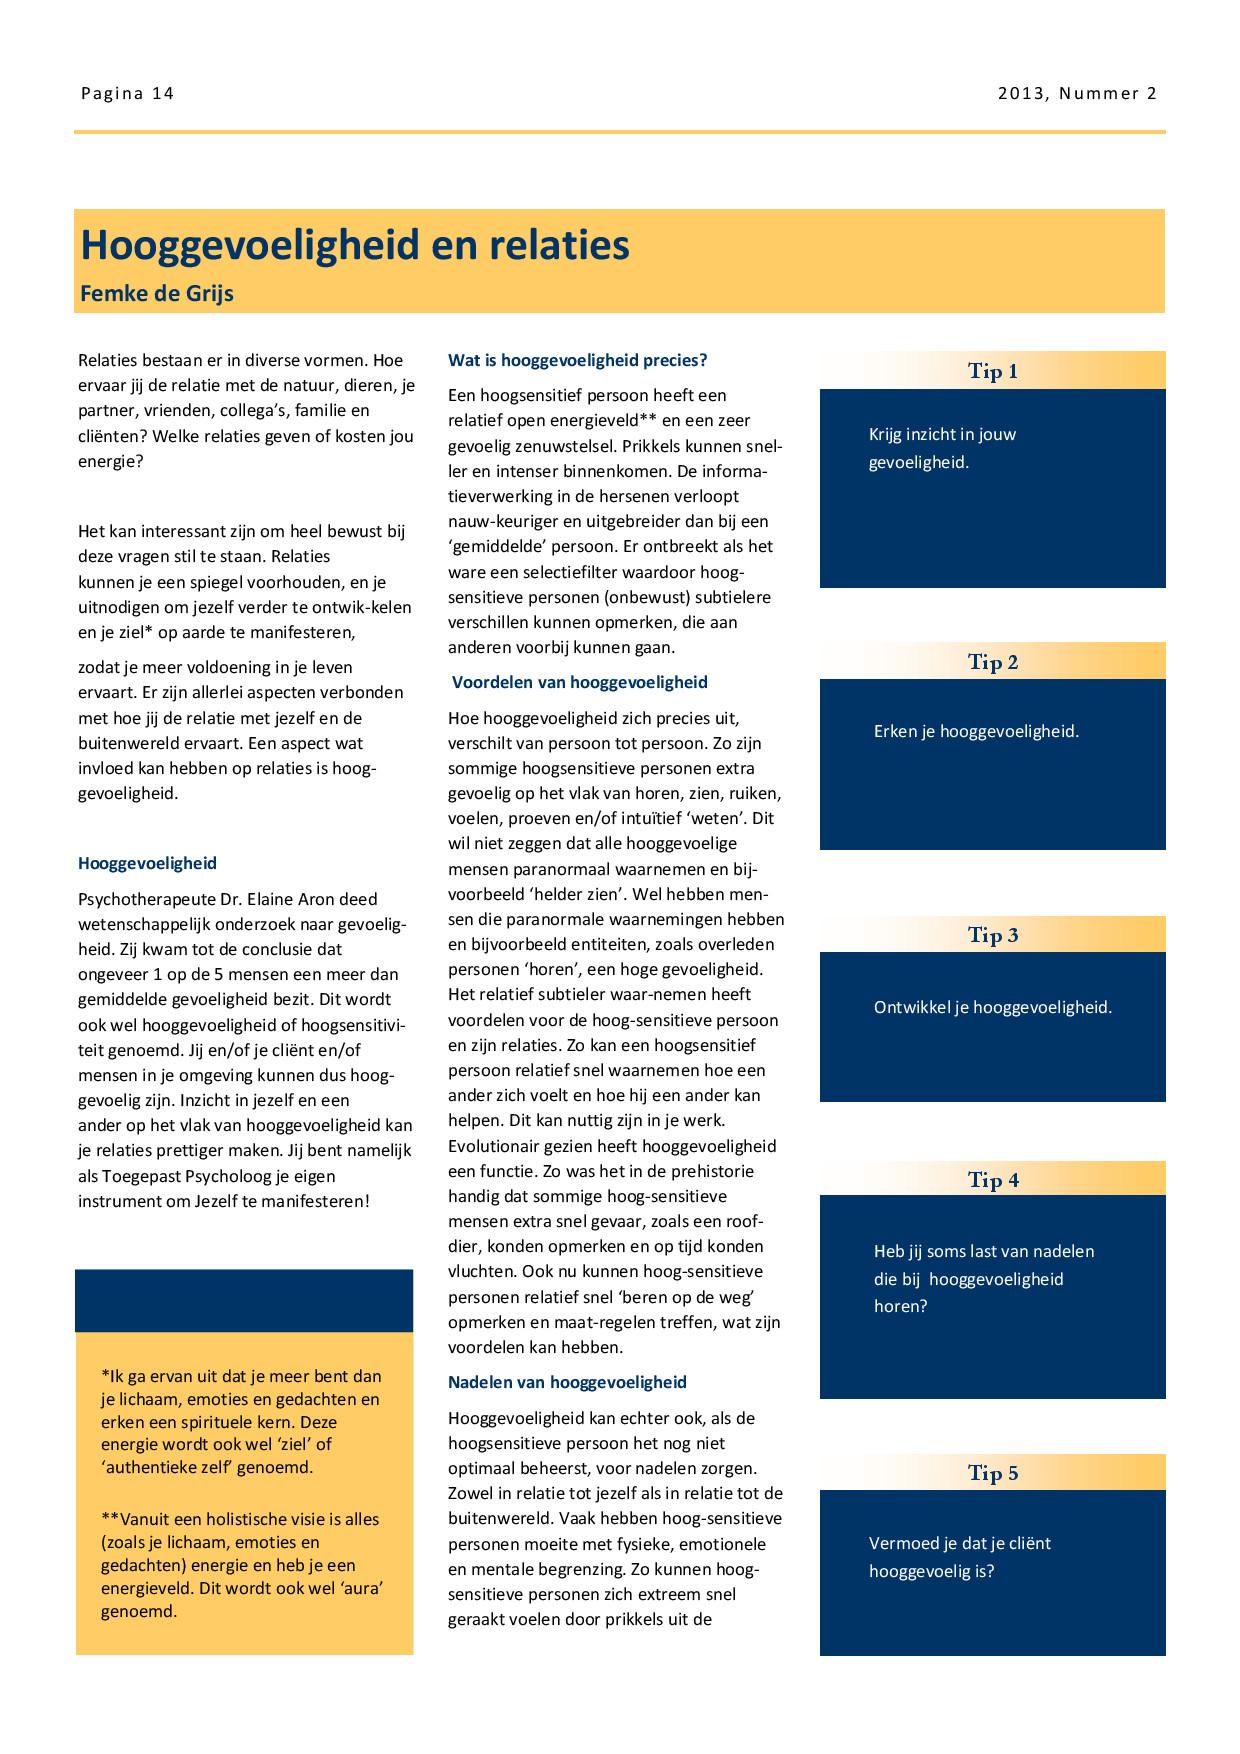 online magazine NBTP thema relaties: over hooggevoeligheid en relaties door Femke de Grijs blz. 1